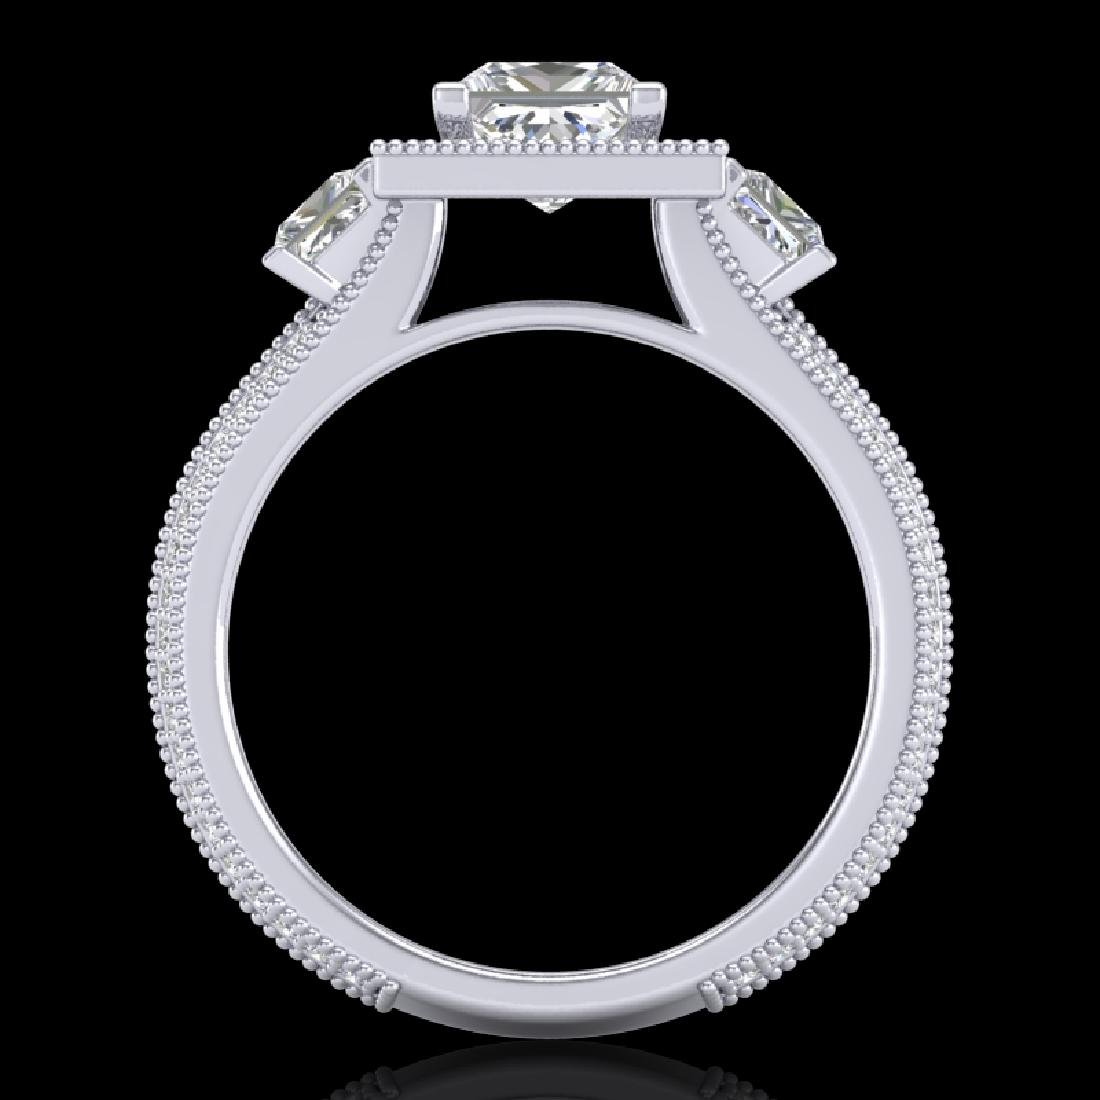 2.5 CTW Princess VS/SI Diamond Micro Pave 3 Stone Ring